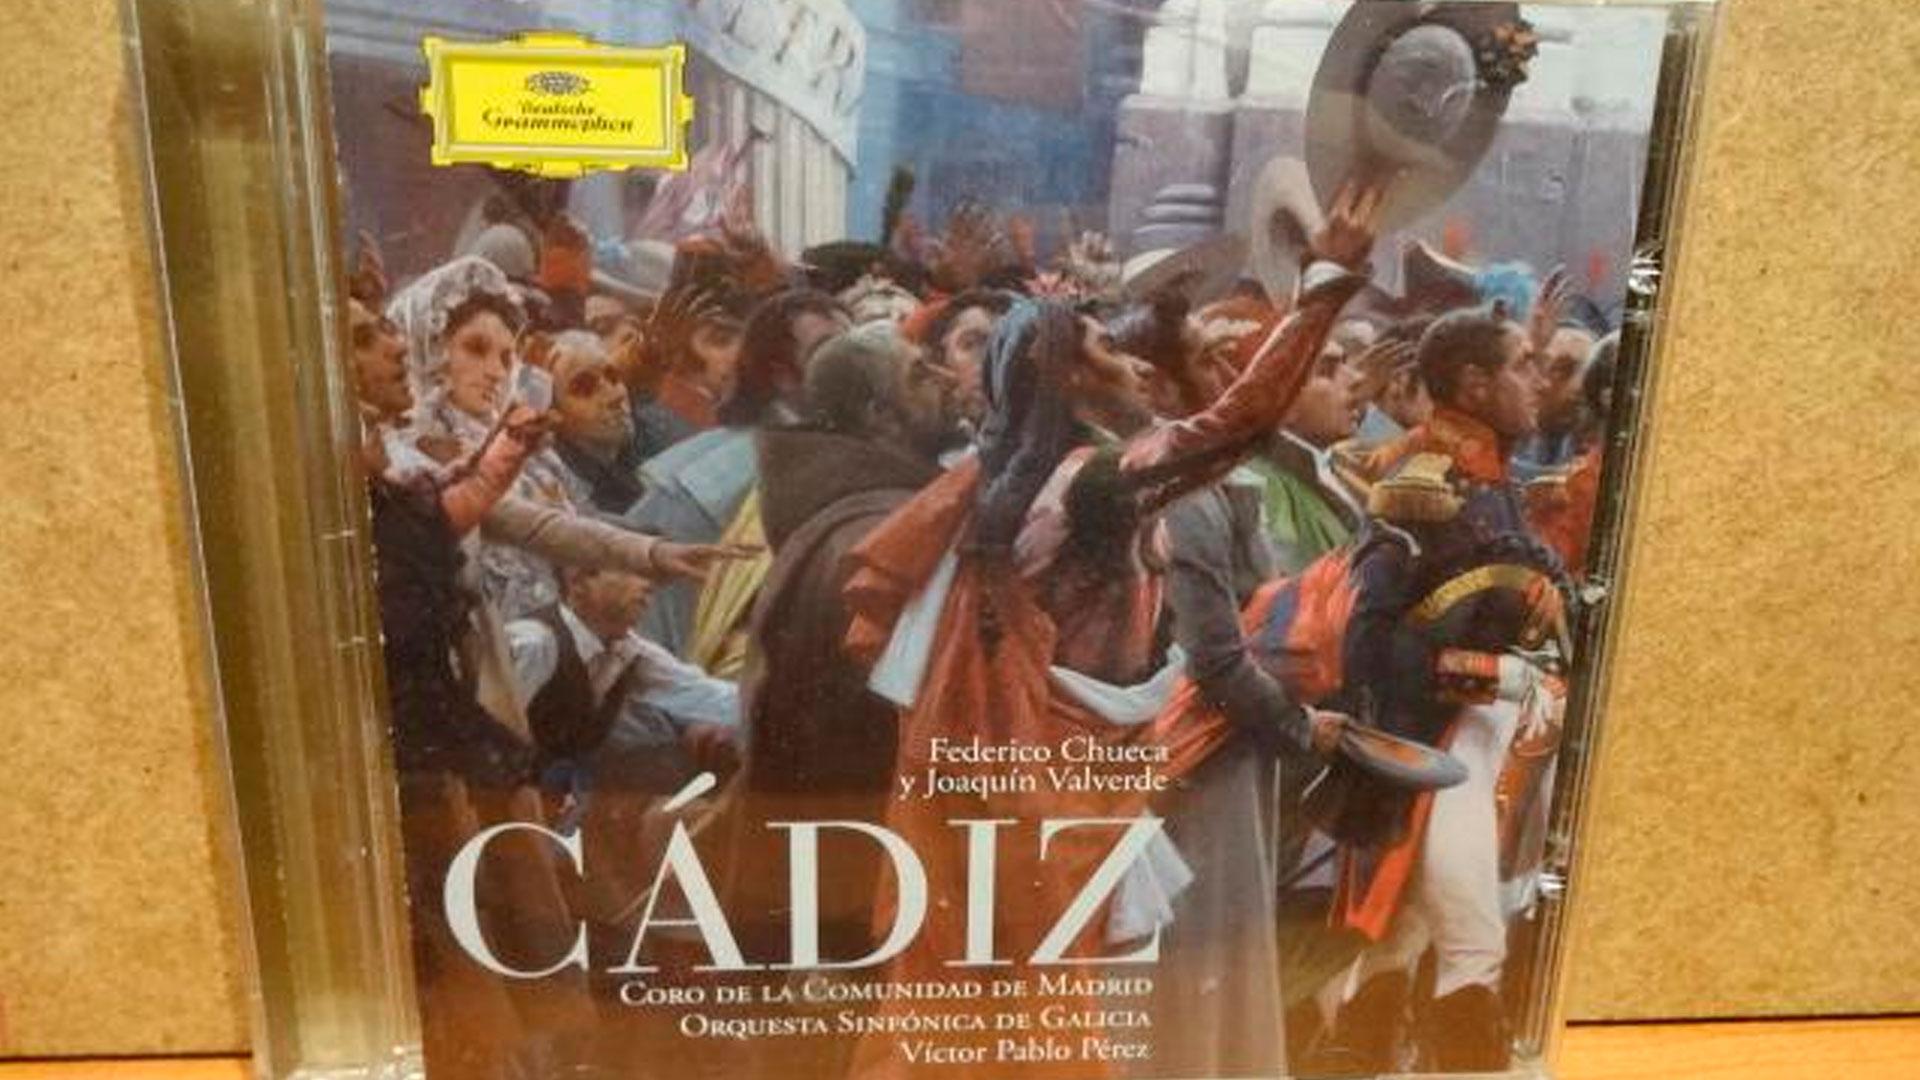 """La Sinfónica de Galicia entra el catálogo del histórico sello Deutsche Grammophon con su grabación de """"Cádiz"""""""